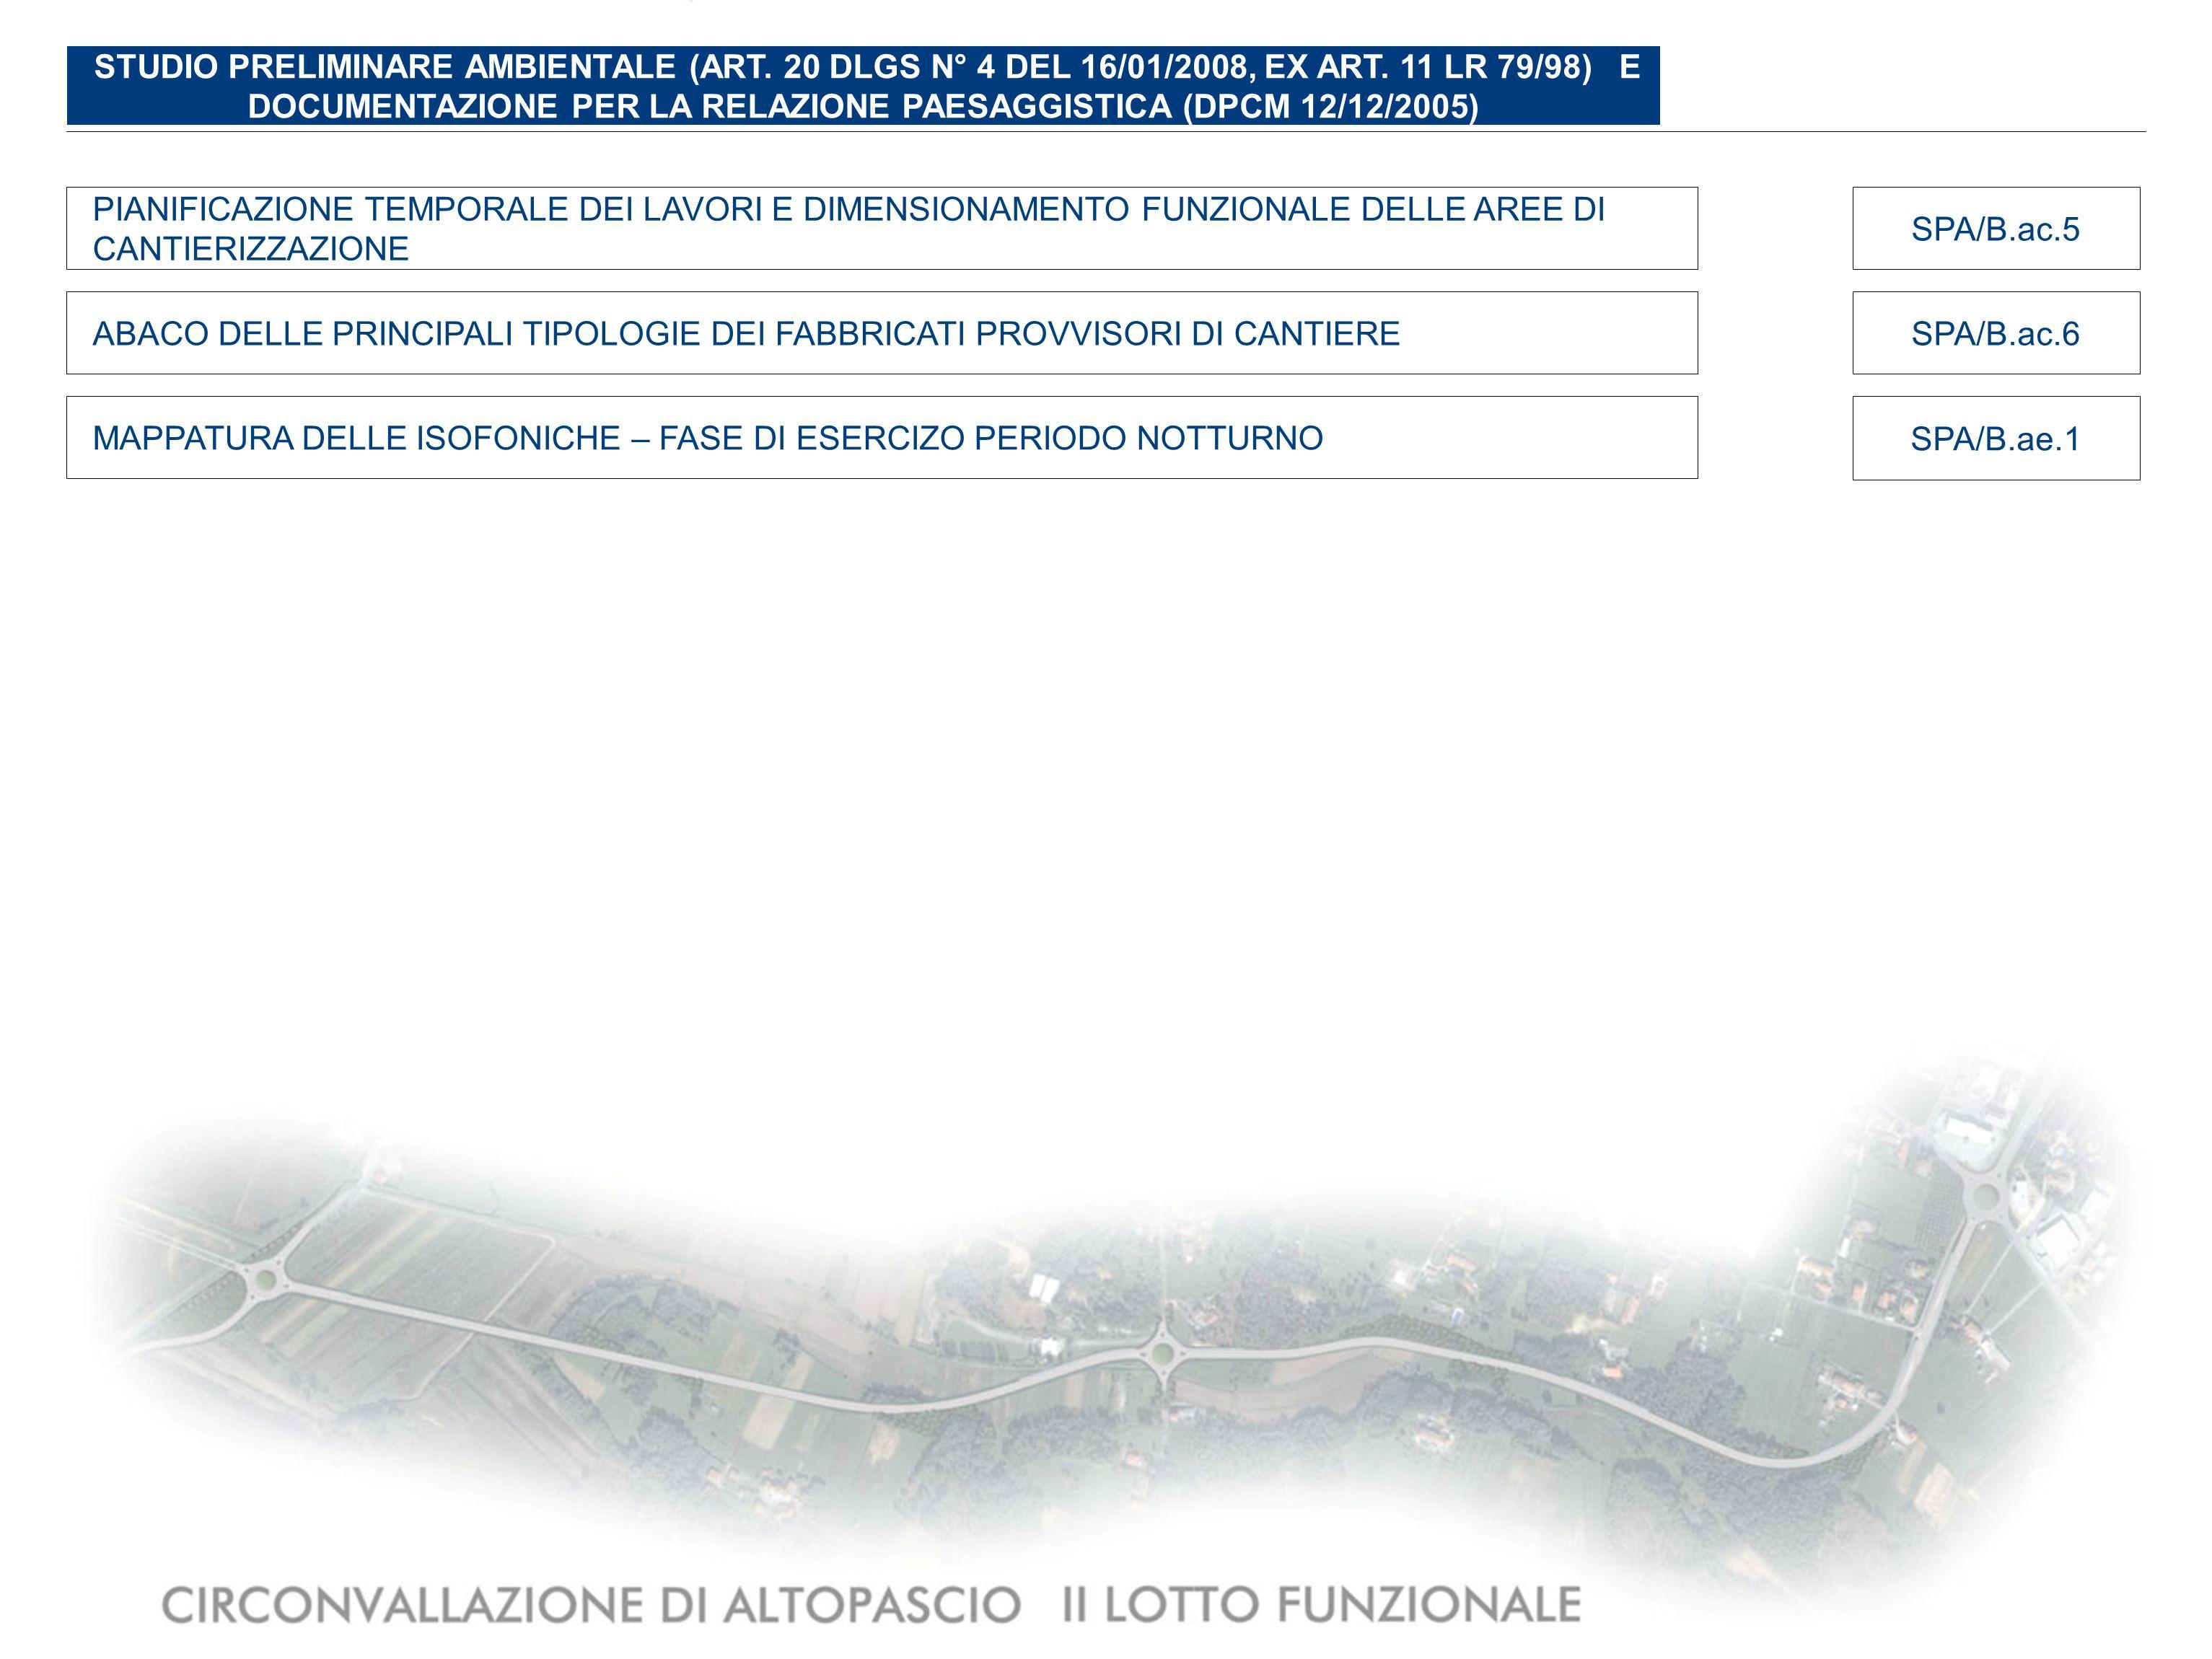 SPA/CSTATO AMBIENTALE DI RIFERIMENTO CARTA GEOLOGICA E GEOMORFOLOGICA SPA/C.2 CARTA IDROGEOLOGICA E DELLA VULNERABILITA DEGLI ACQUIFERI SPA/C.3 CARTA DELLUSO REALE DEL SUOLO SPA/C.4 CARTA DI SINTESI DELLE CARATTERISTICHE DEL PAESAGGIO SPA/C.5 CARTA DEI SITI ARCHEOLOGICI CON INDICAZIONE DEL GRADO DI RISCHIO ASSOLUTO SPA/C.6 RELAZIONE SPA/C.1 CARTA DEI RICETTORI SENSIBILI SPA/C.7 DOCUMENTAZIONE FOTOGRAFICA SPA/C.8 STUDIO PRELIMINARE AMBIENTALE (ART.